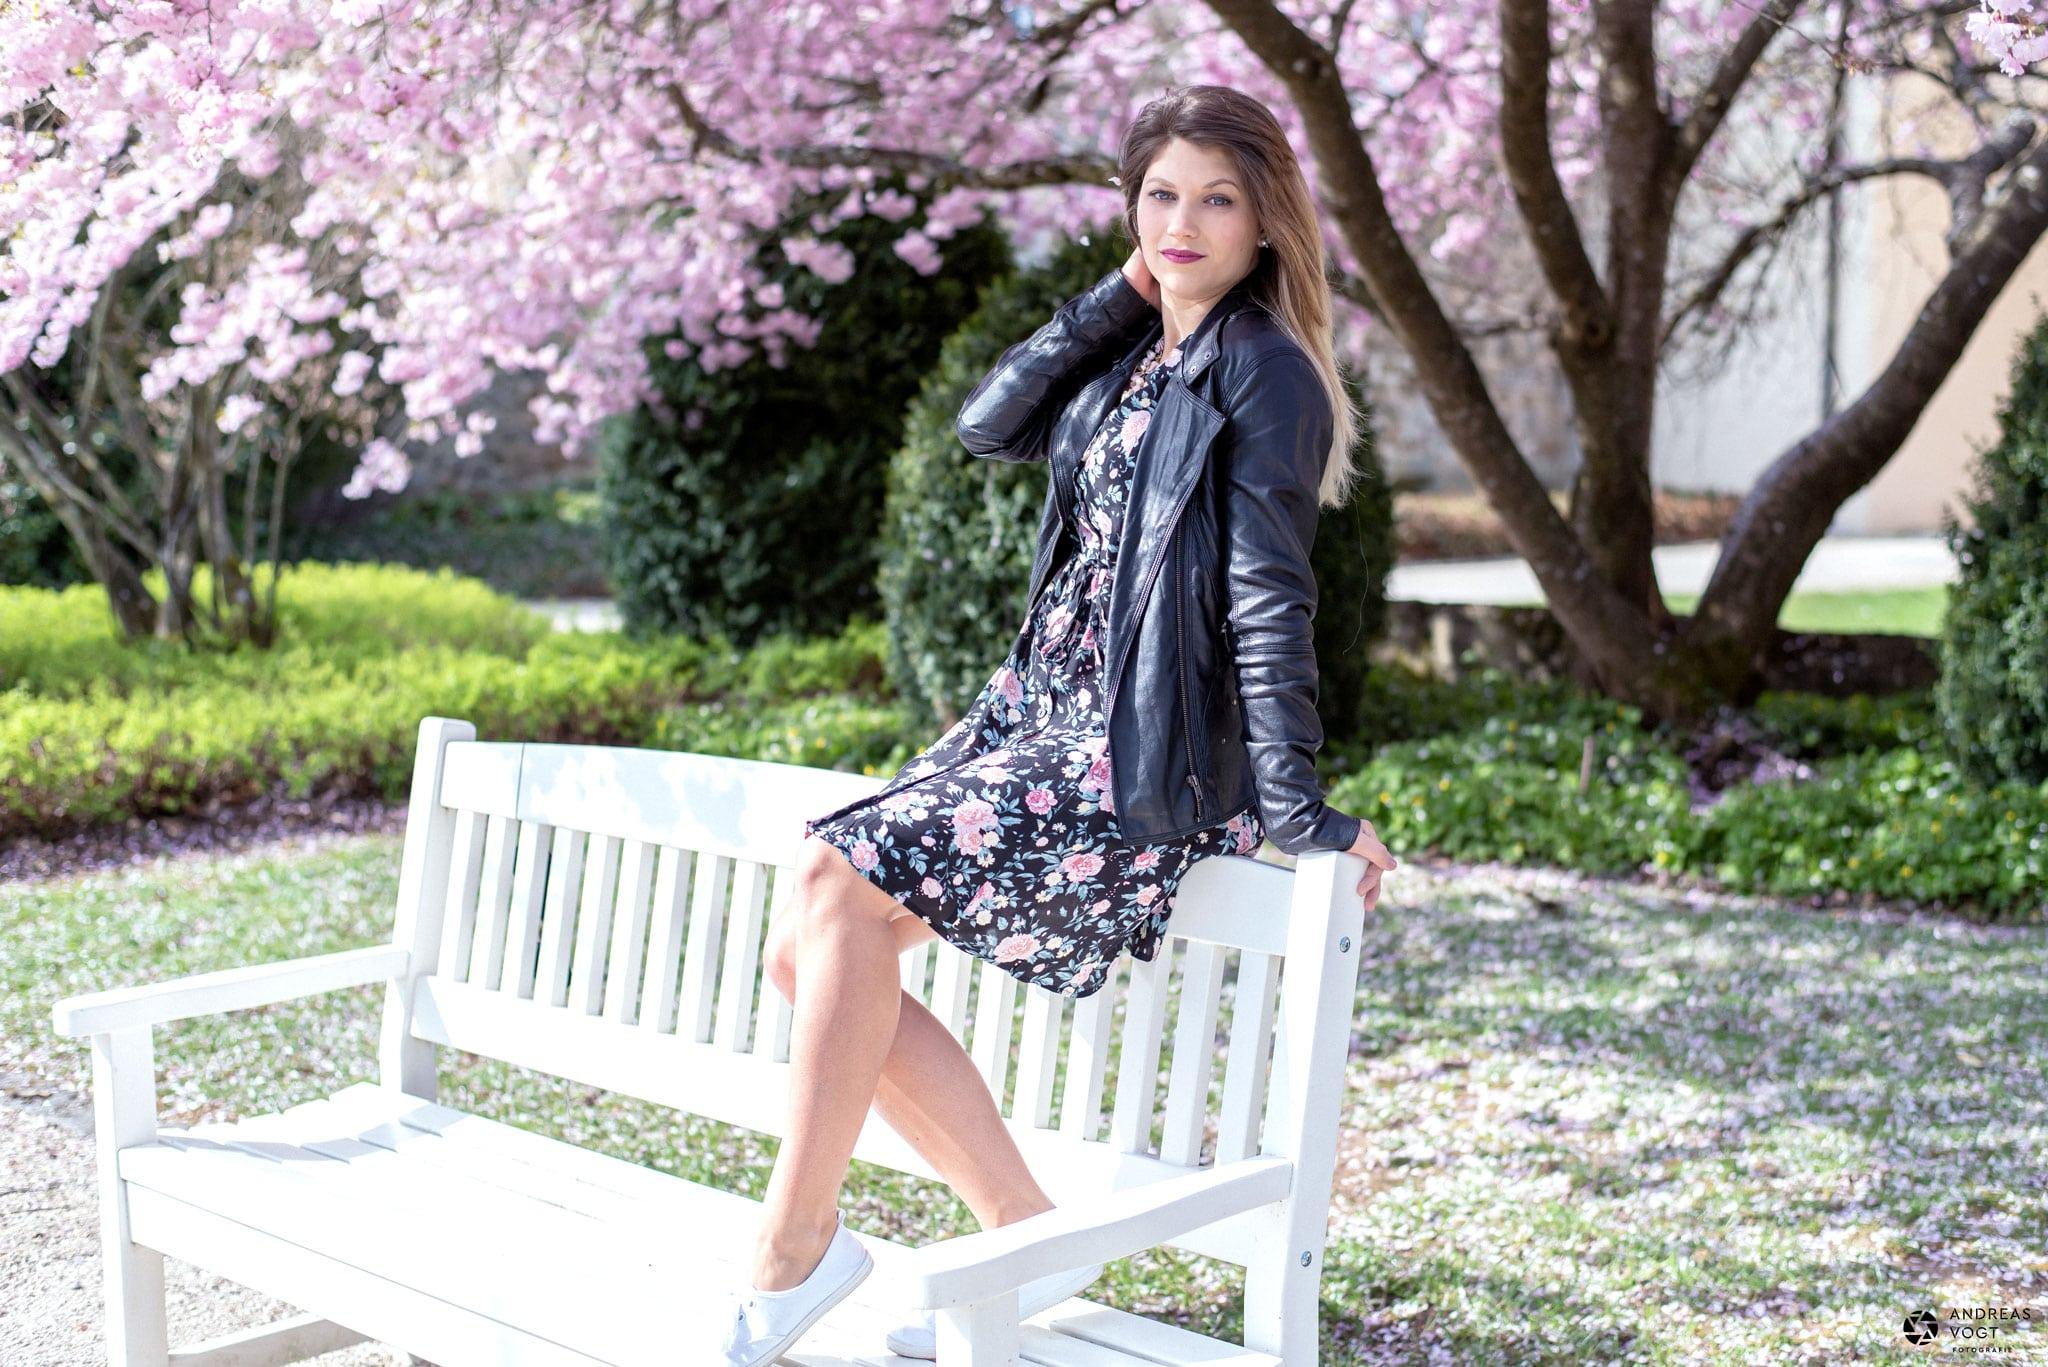 Blüten-Fotoshooting mit Farina am Schloss in Ellwangen - Fotograf Andreas Vogt 01